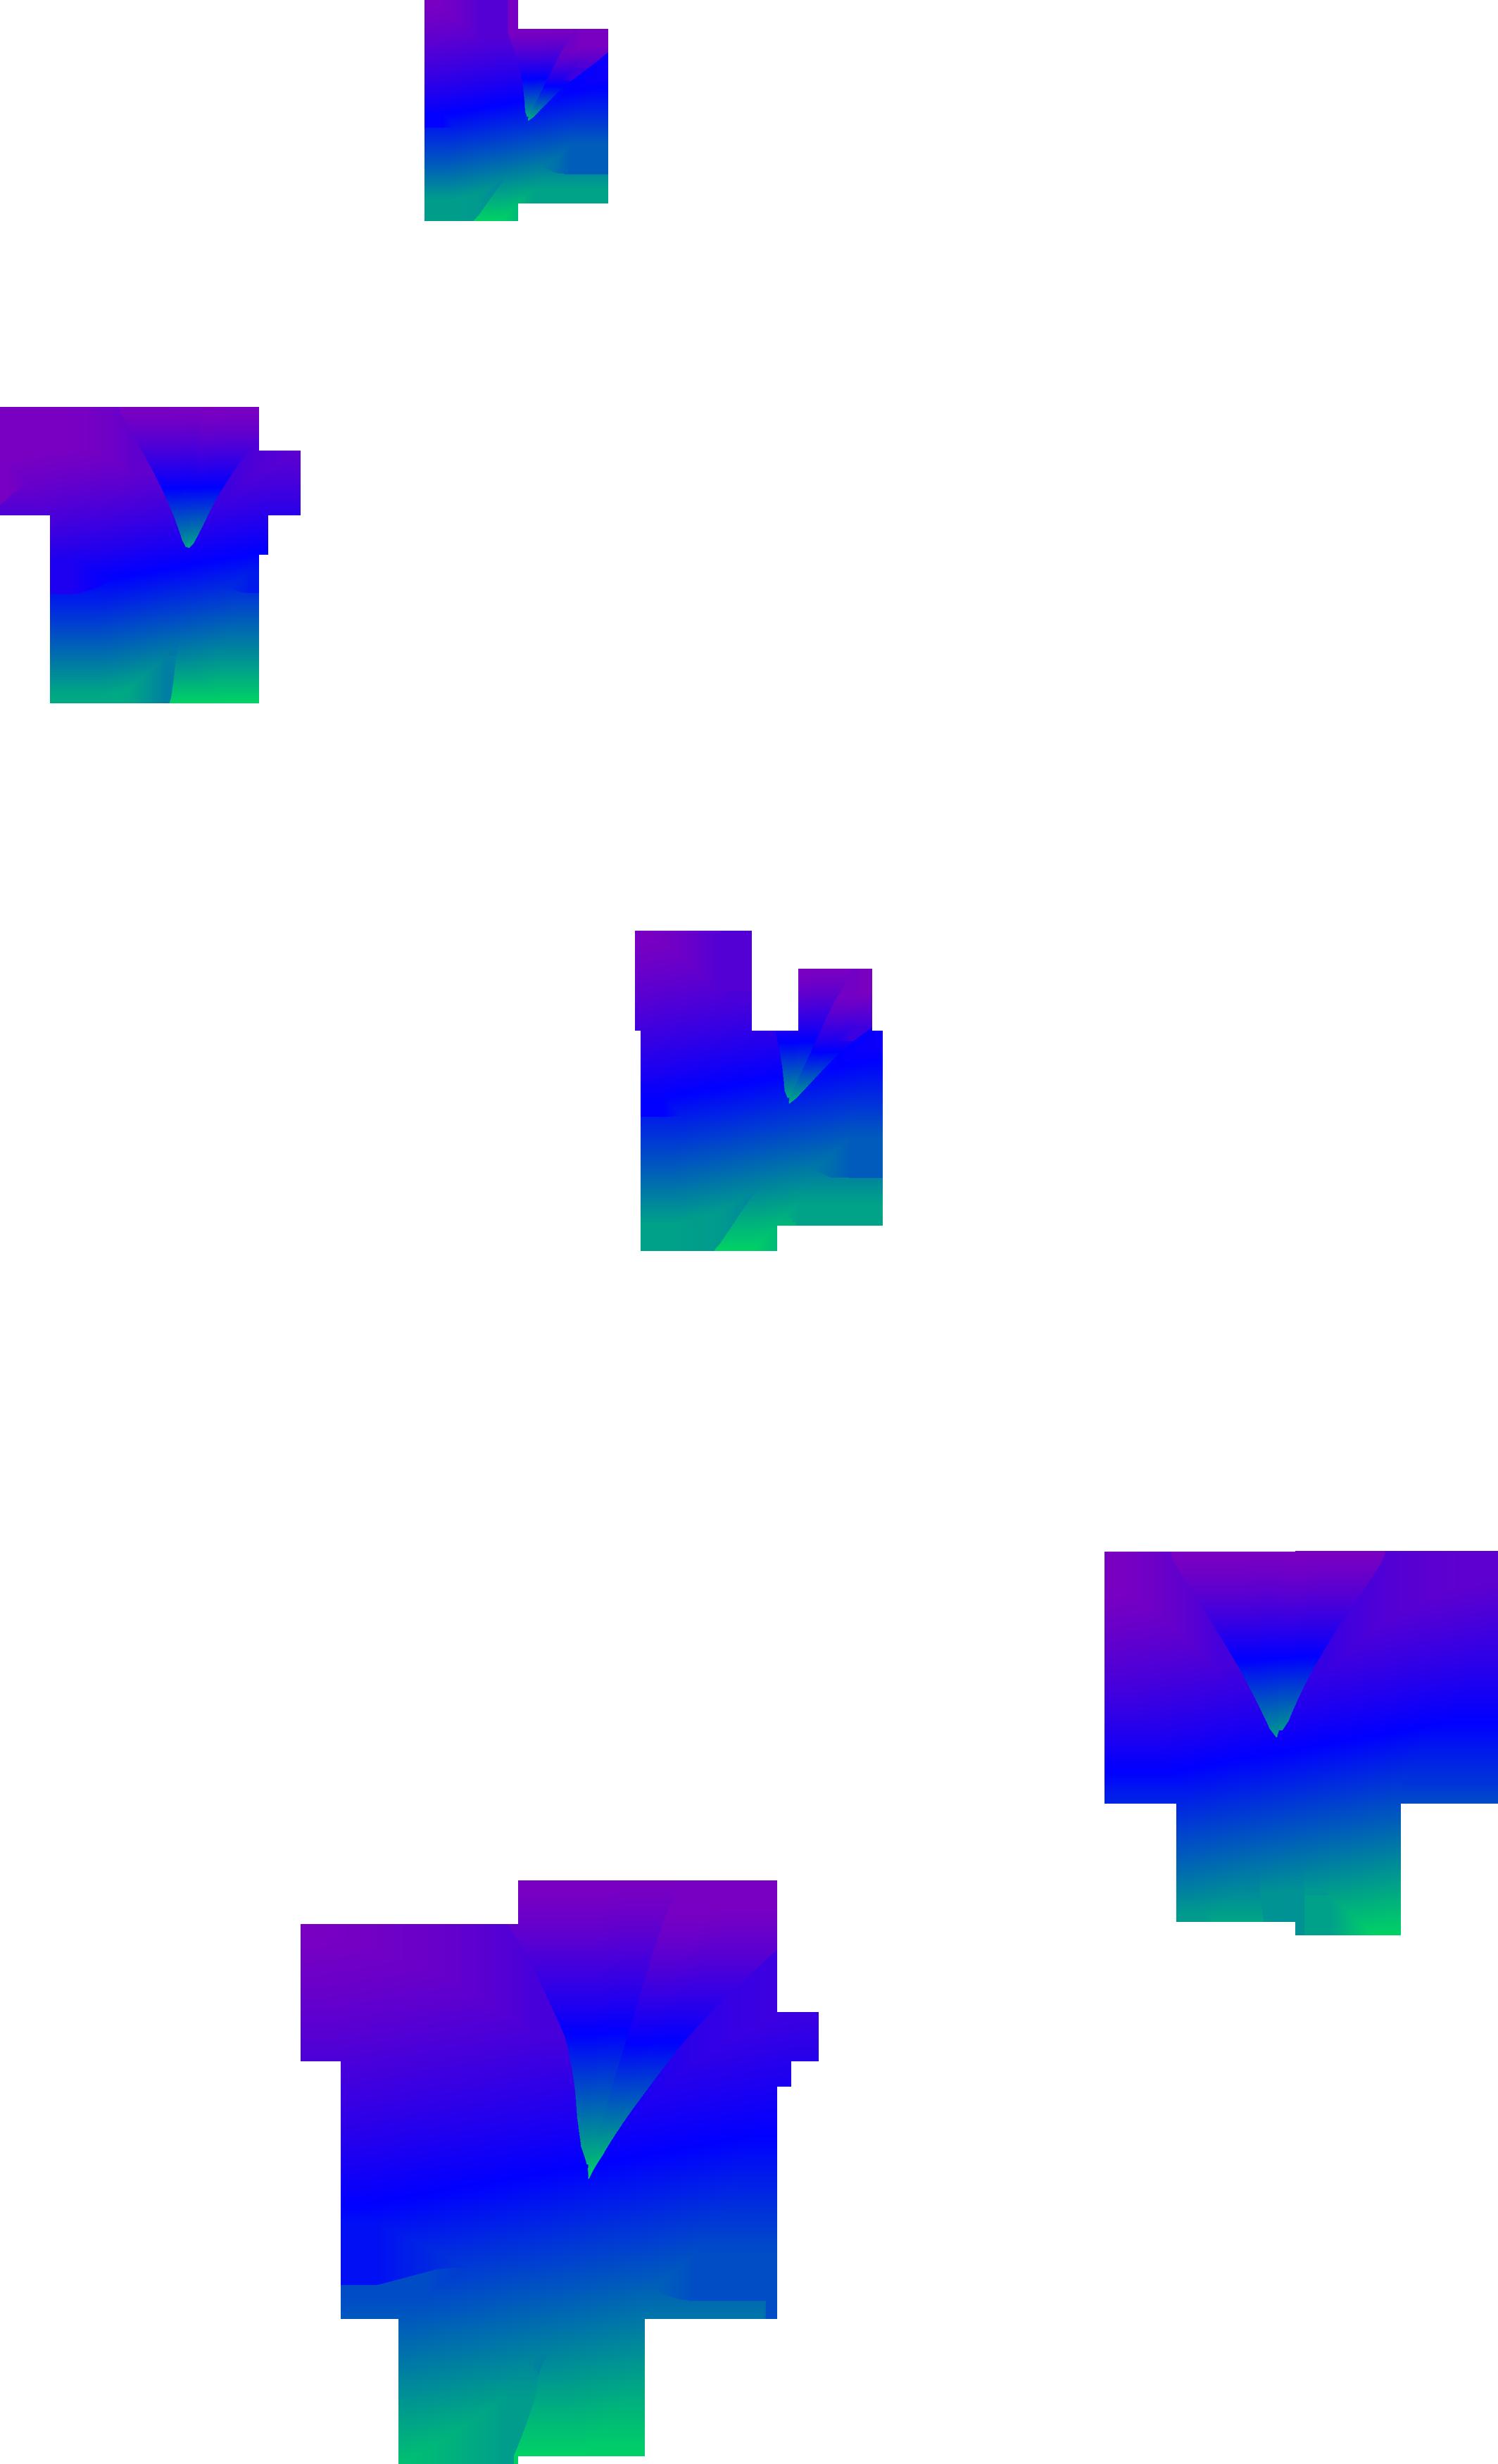 2128x3500 Purple Blue And Green Butterflies